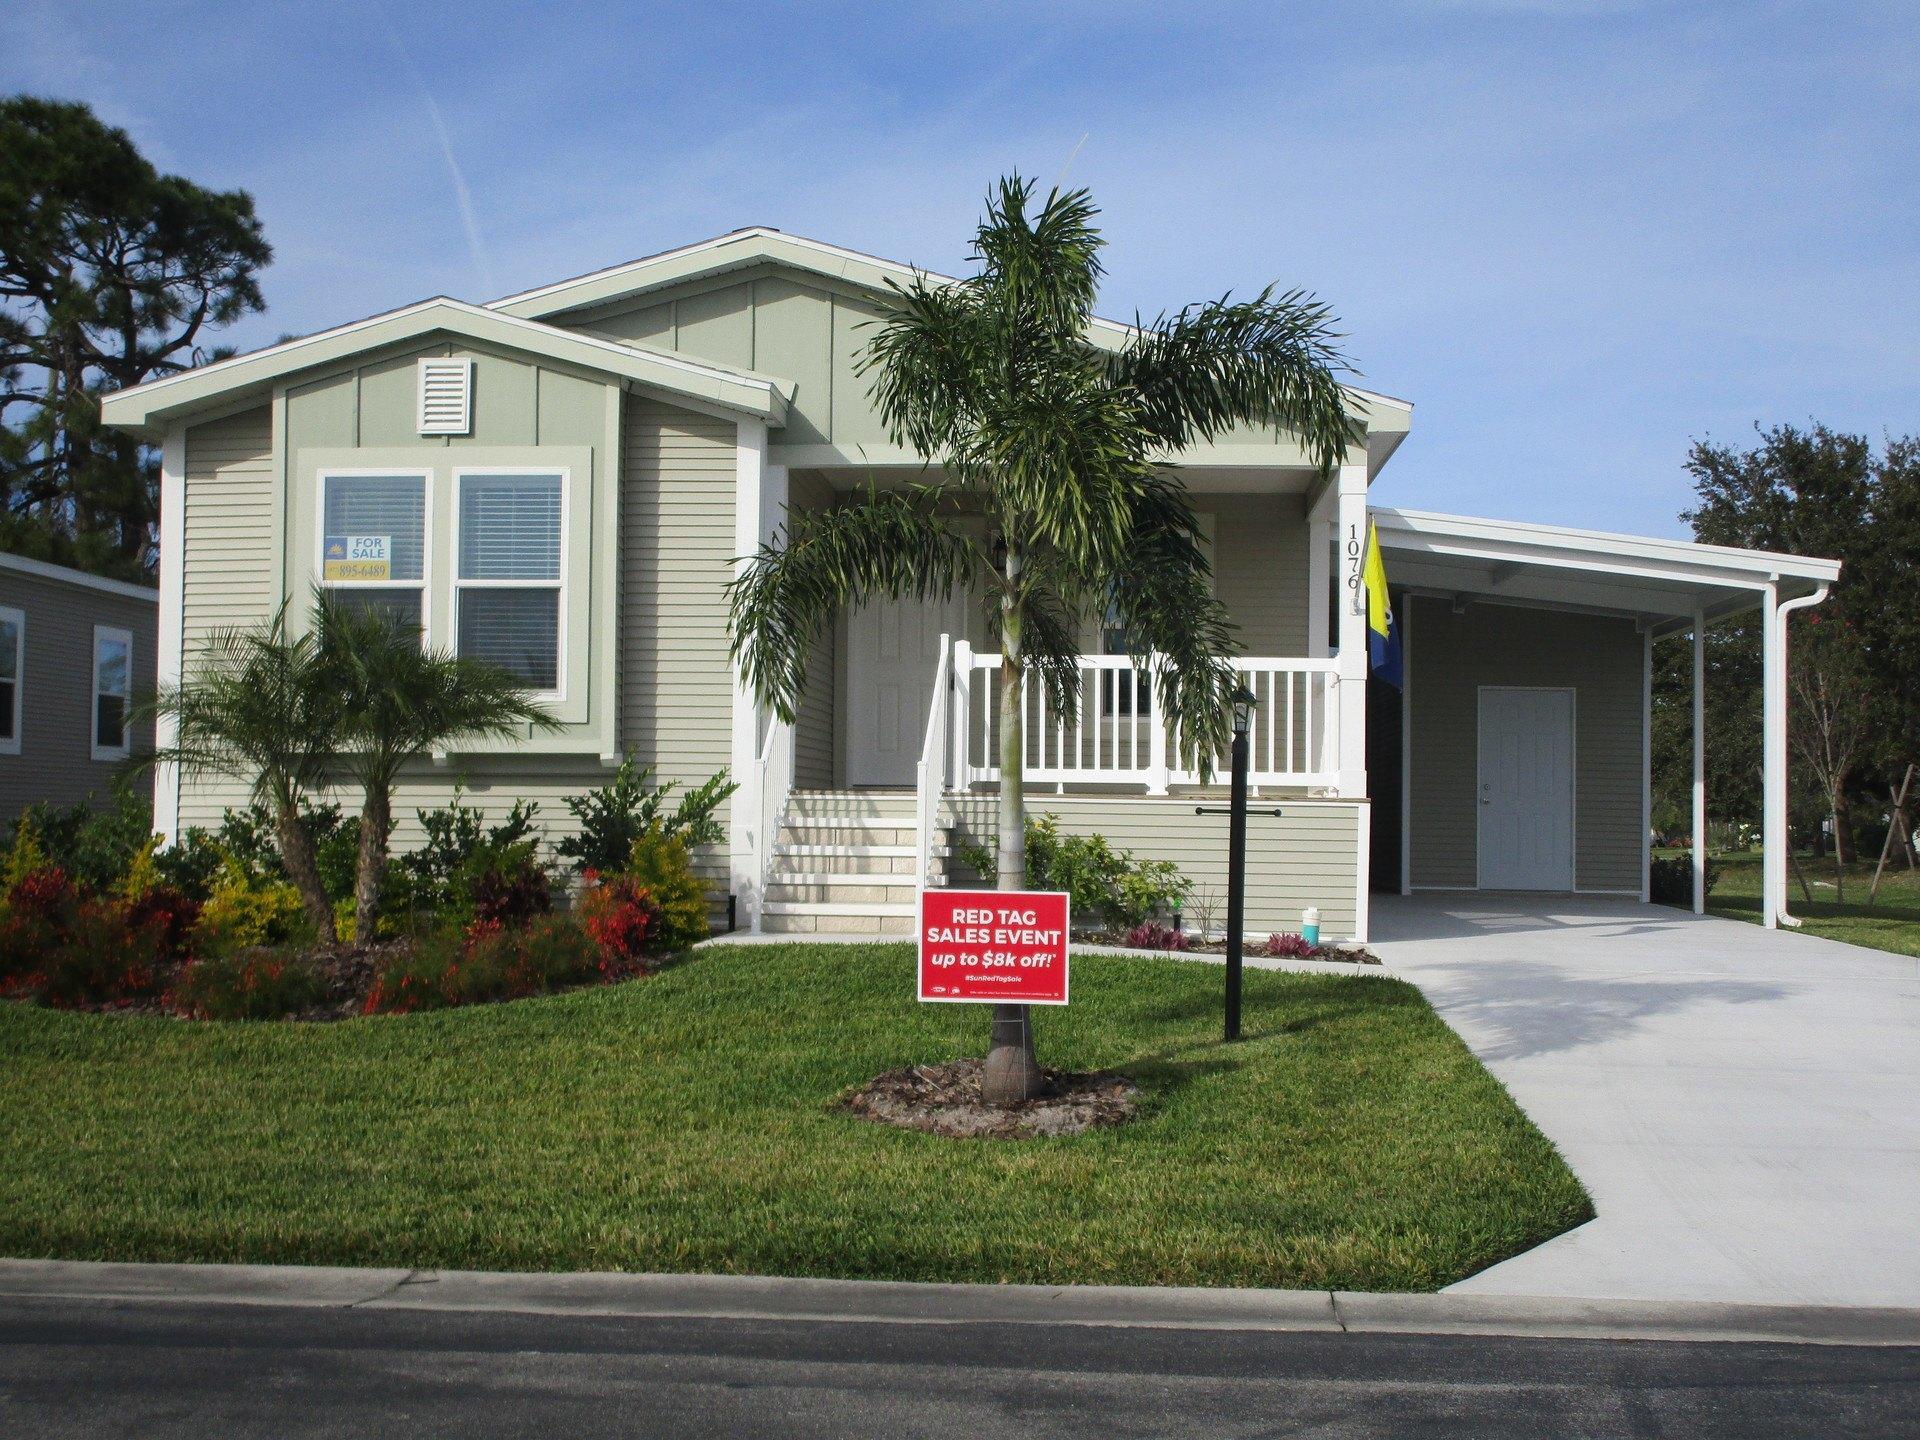 1076 West Lakeview Drive Plan Sebastian Fl 32958 2 Bed 2